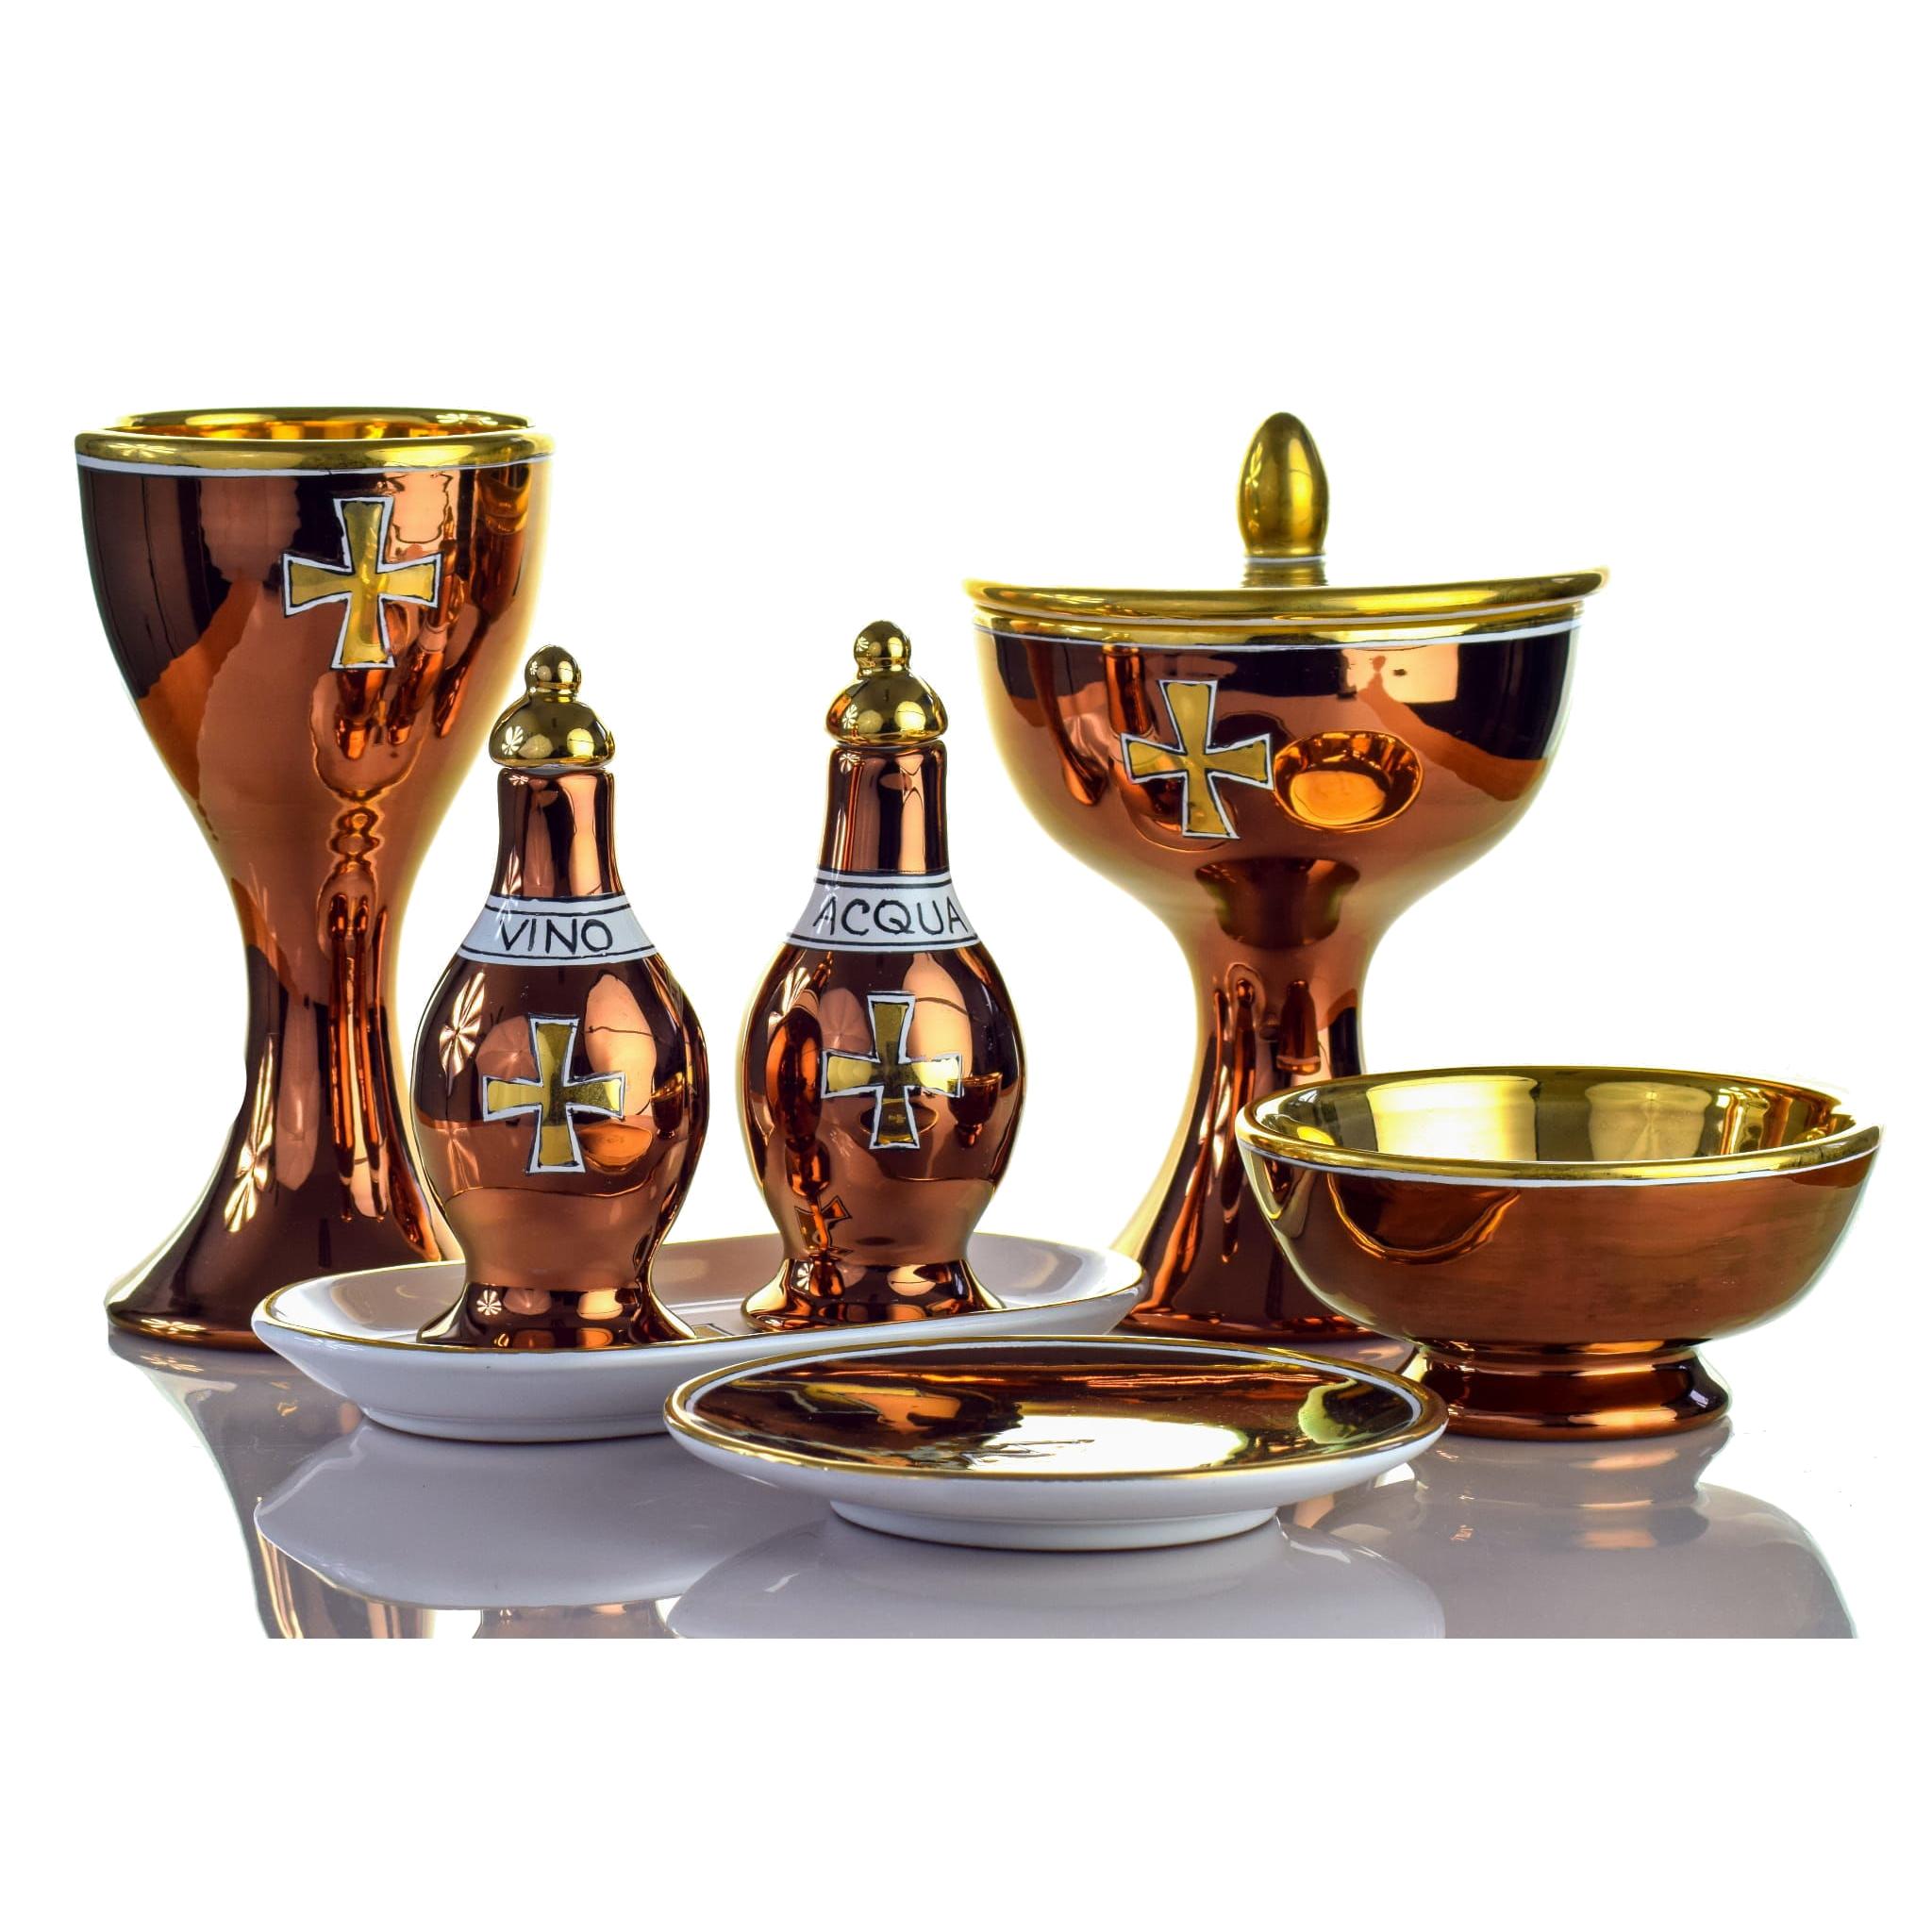 Naczynie liturgiczne